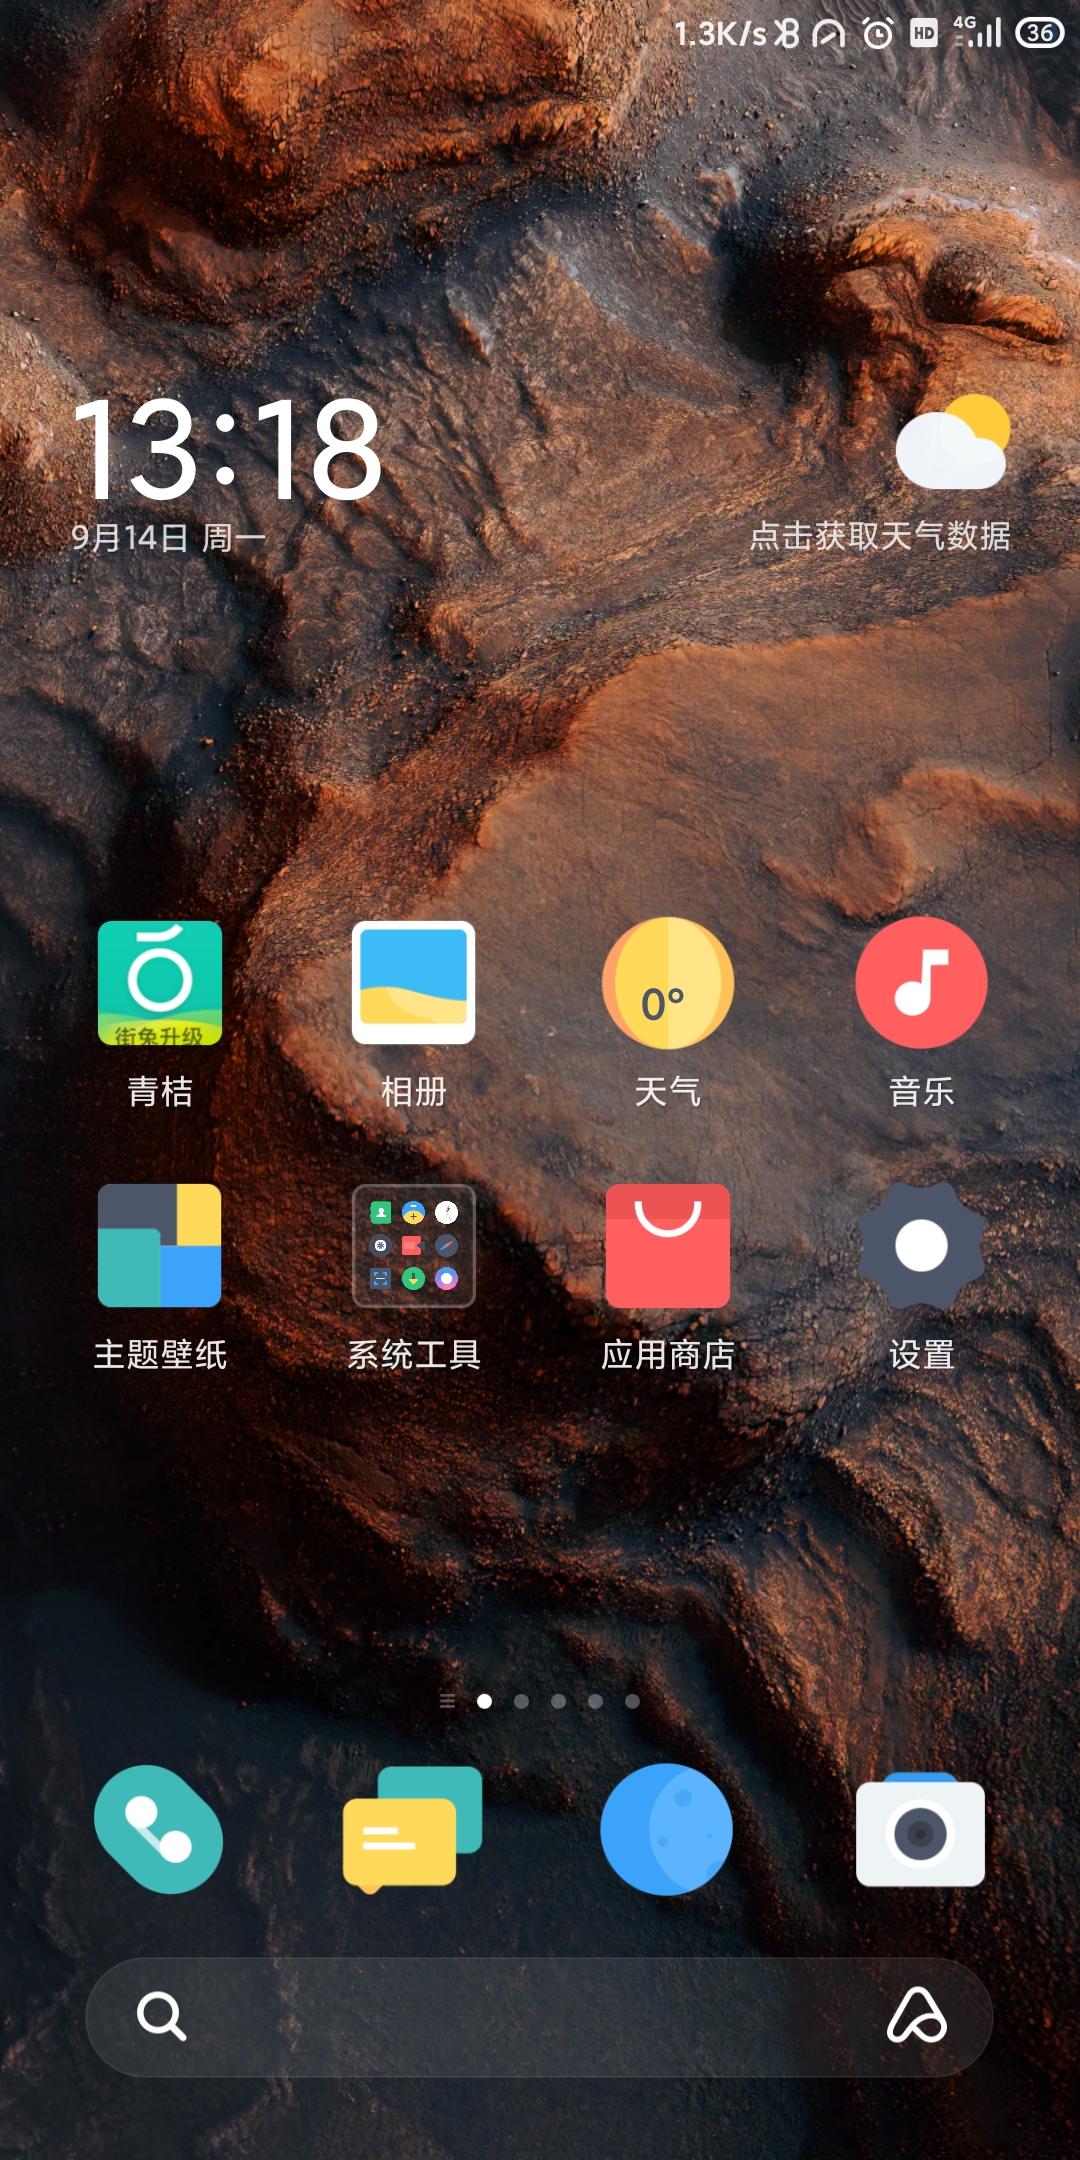 Screenshot_2020-09-14-13-18-28-607_com.miui.home.jpg